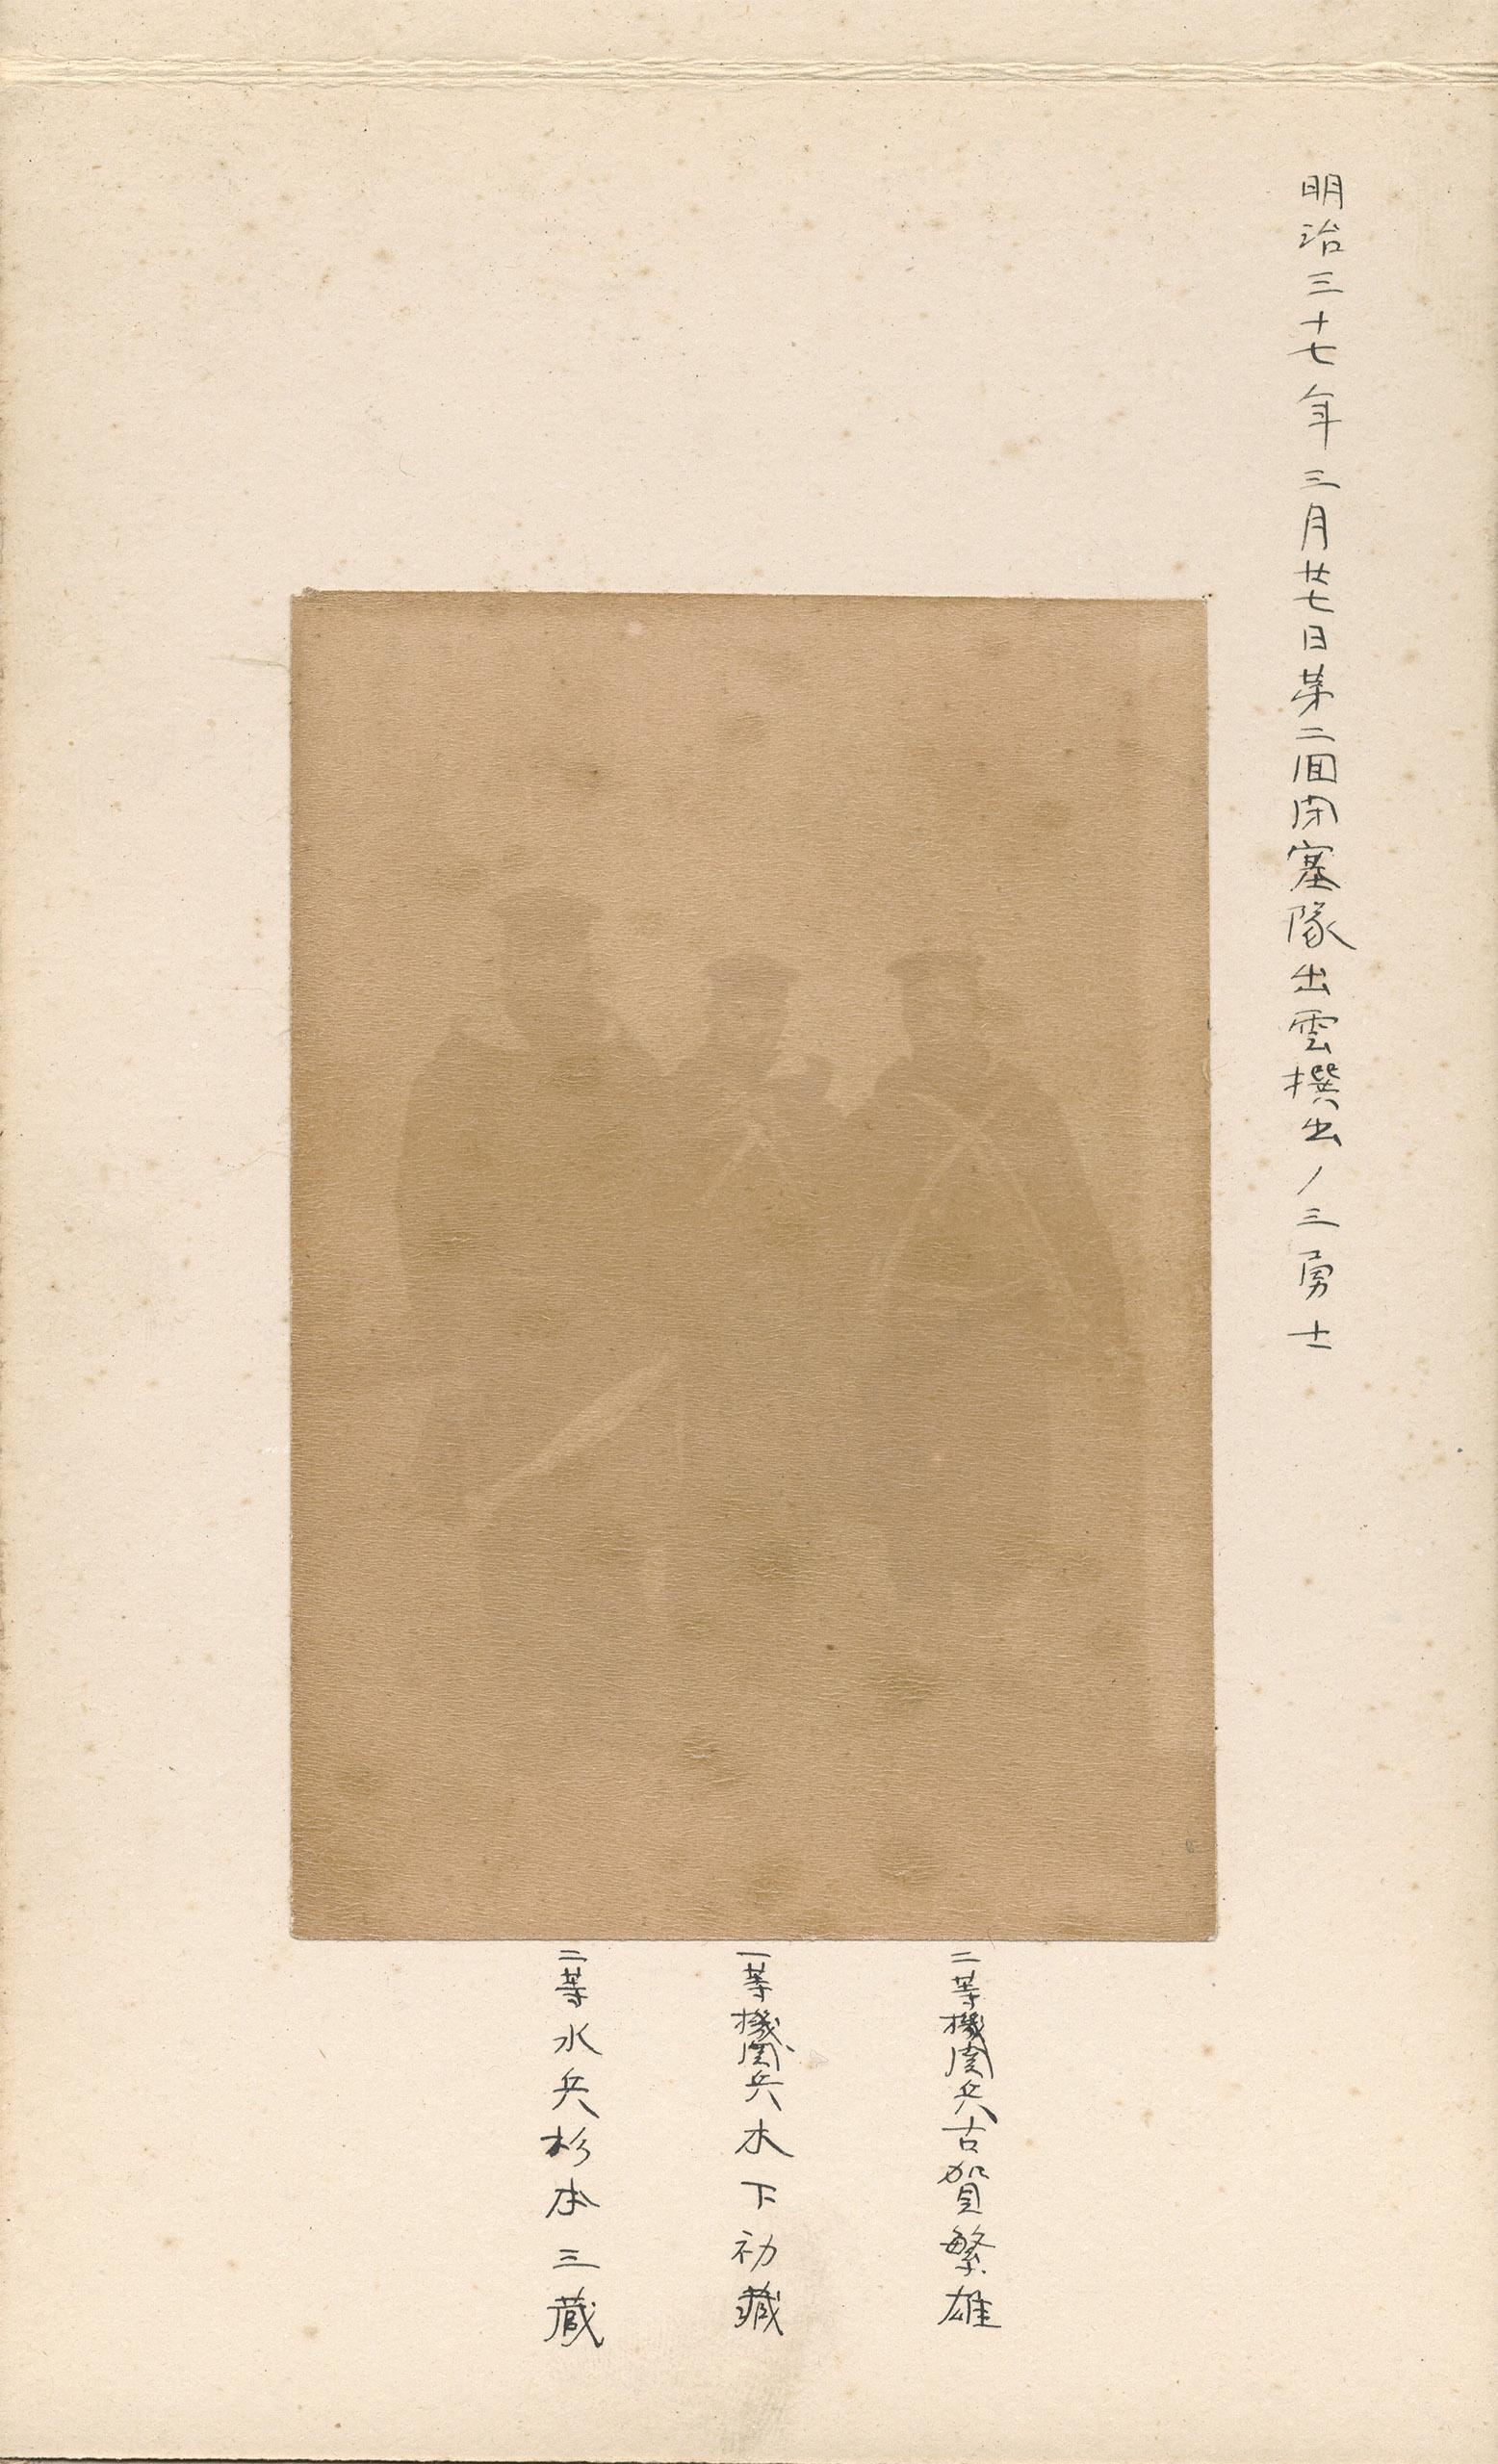 明治三十七年三月廿七日第二回閉塞隊出雲撰出ノ三勇士[写真下、右から]二等機関兵古賀繁雄、一等機関兵木下初蔵、二等水兵杉本三蔵